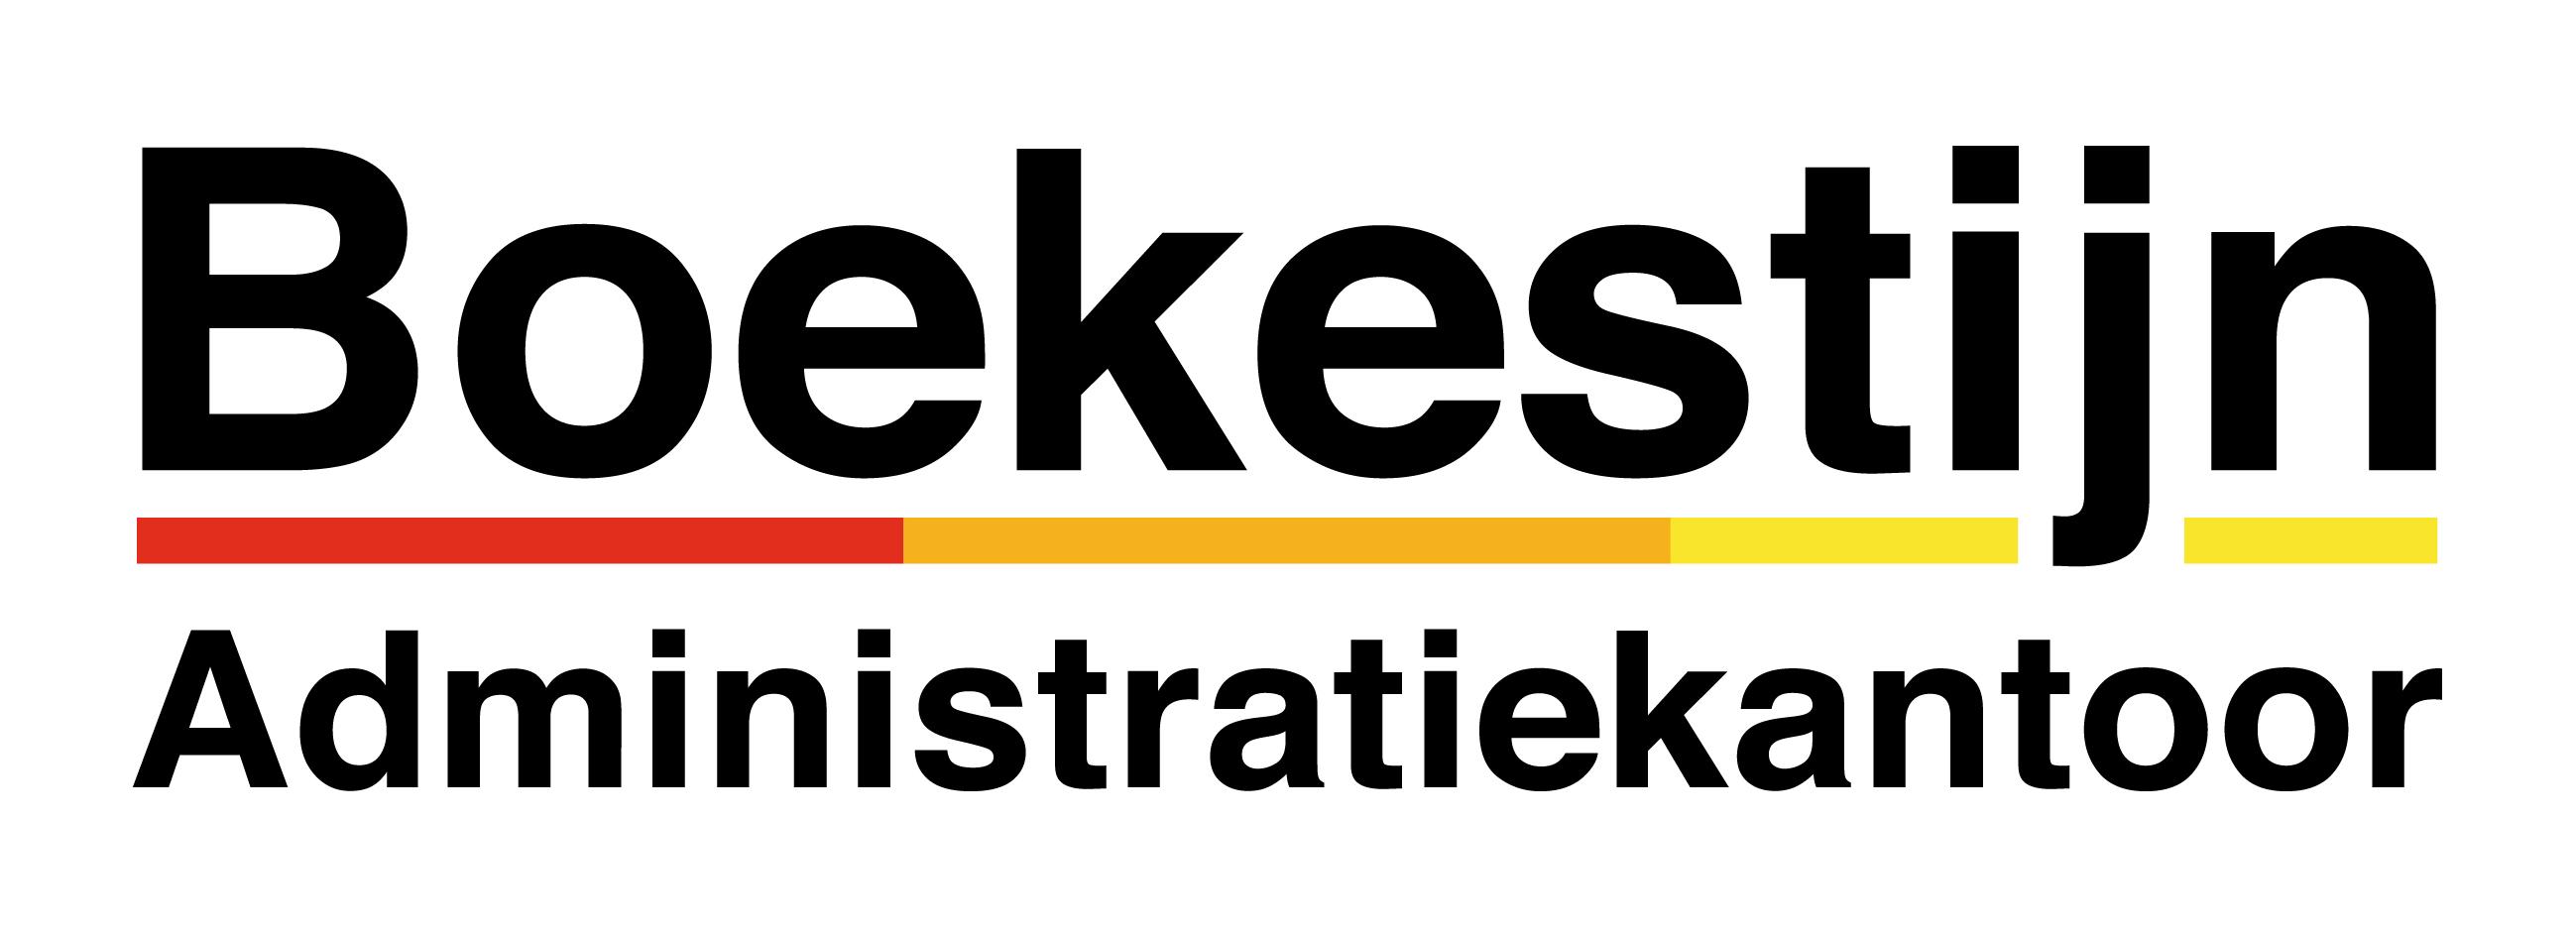 Boekestijn Administratiekantoor